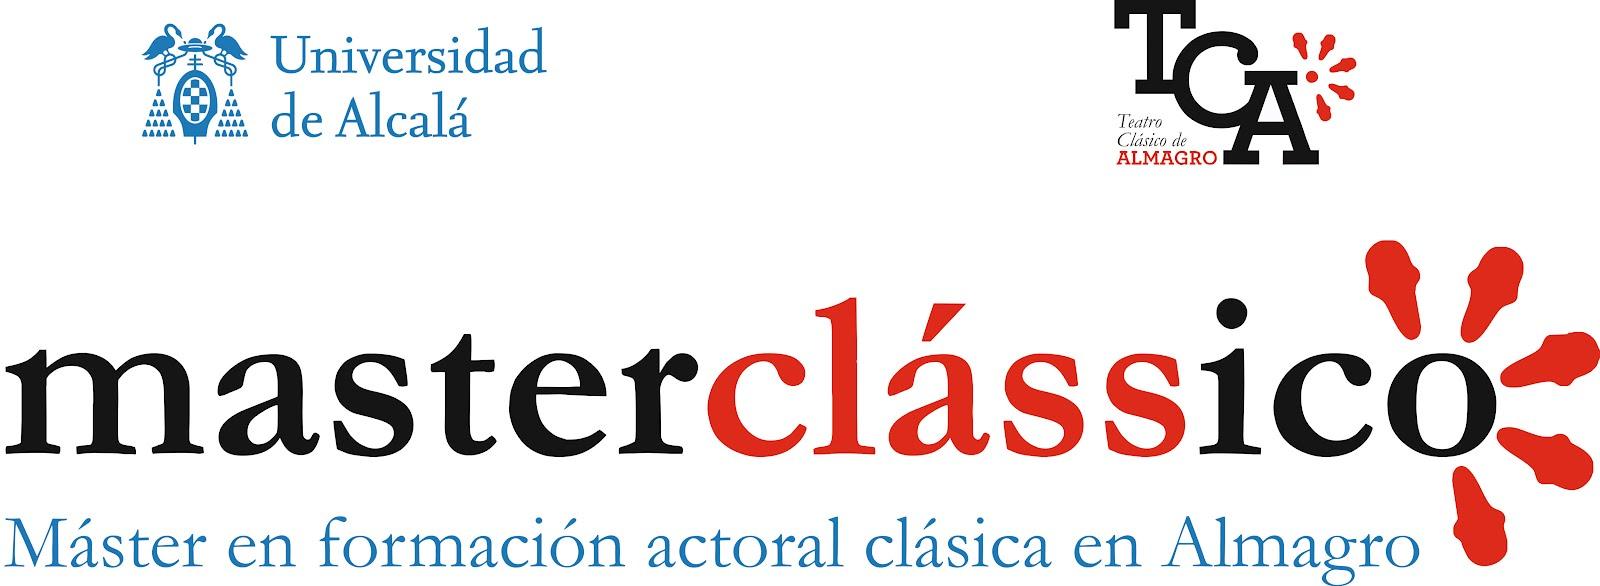 MASTERCLASSICO. Máster en formación actoral clásica en almagro